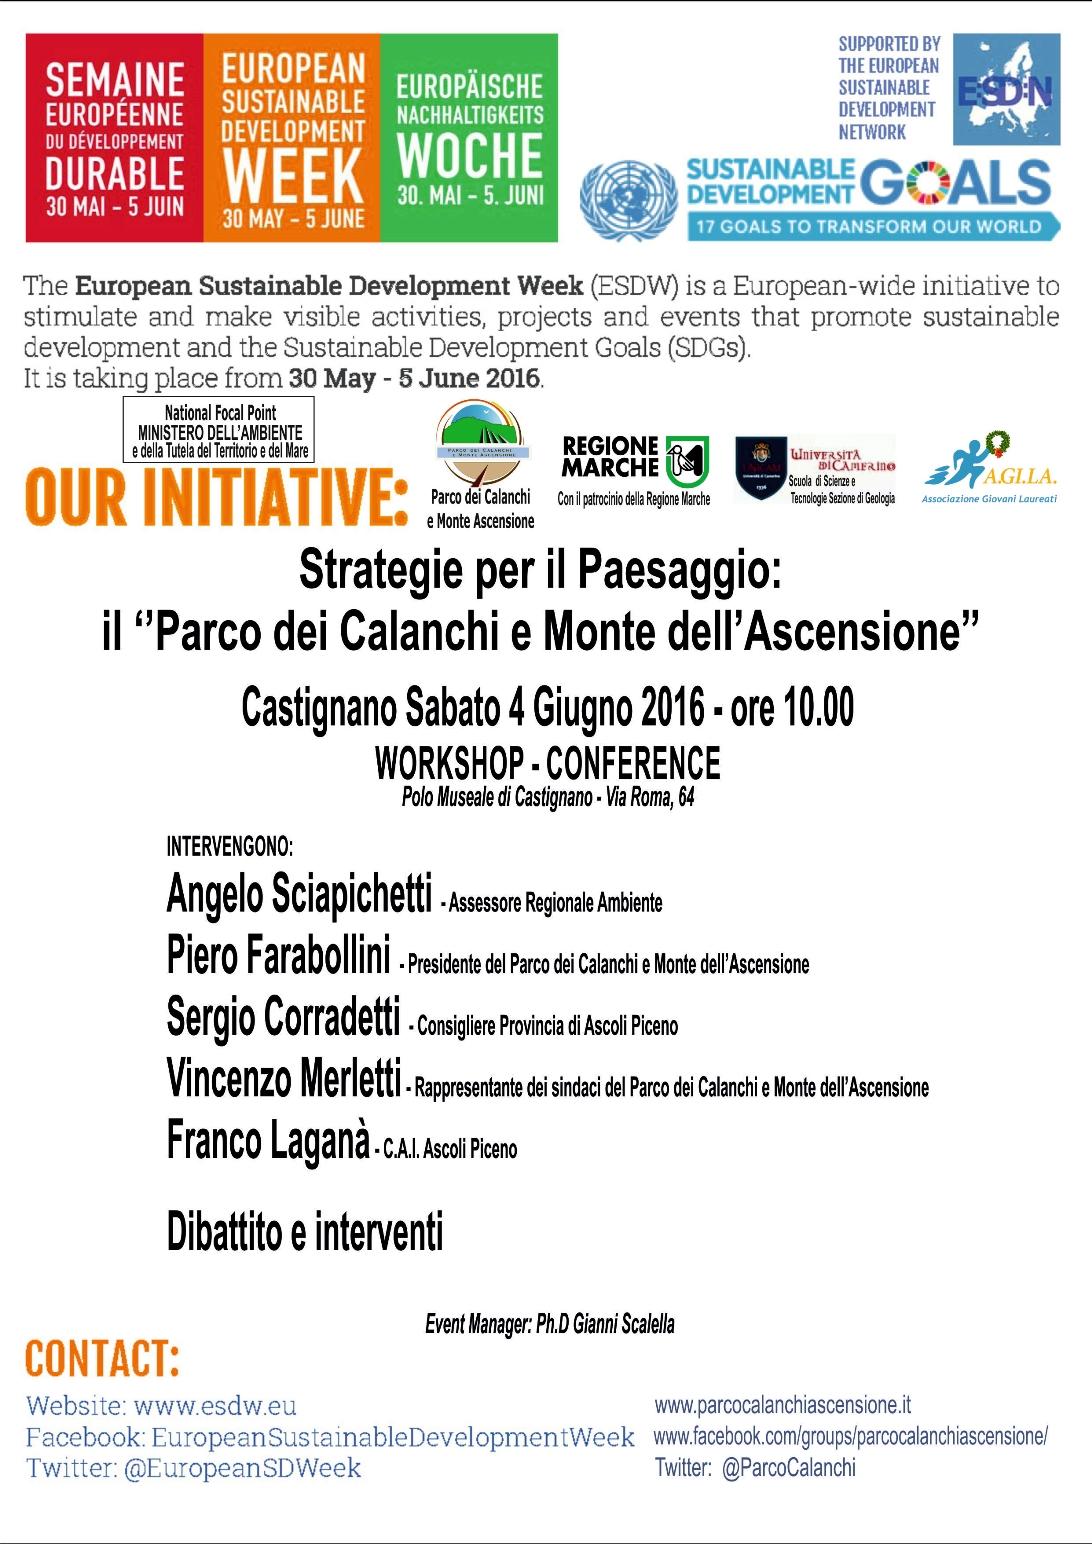 ESDW - Workshop per la Settimana Europea dello Sviluppo Sostenibile - Castignano 4 Giugno 2016